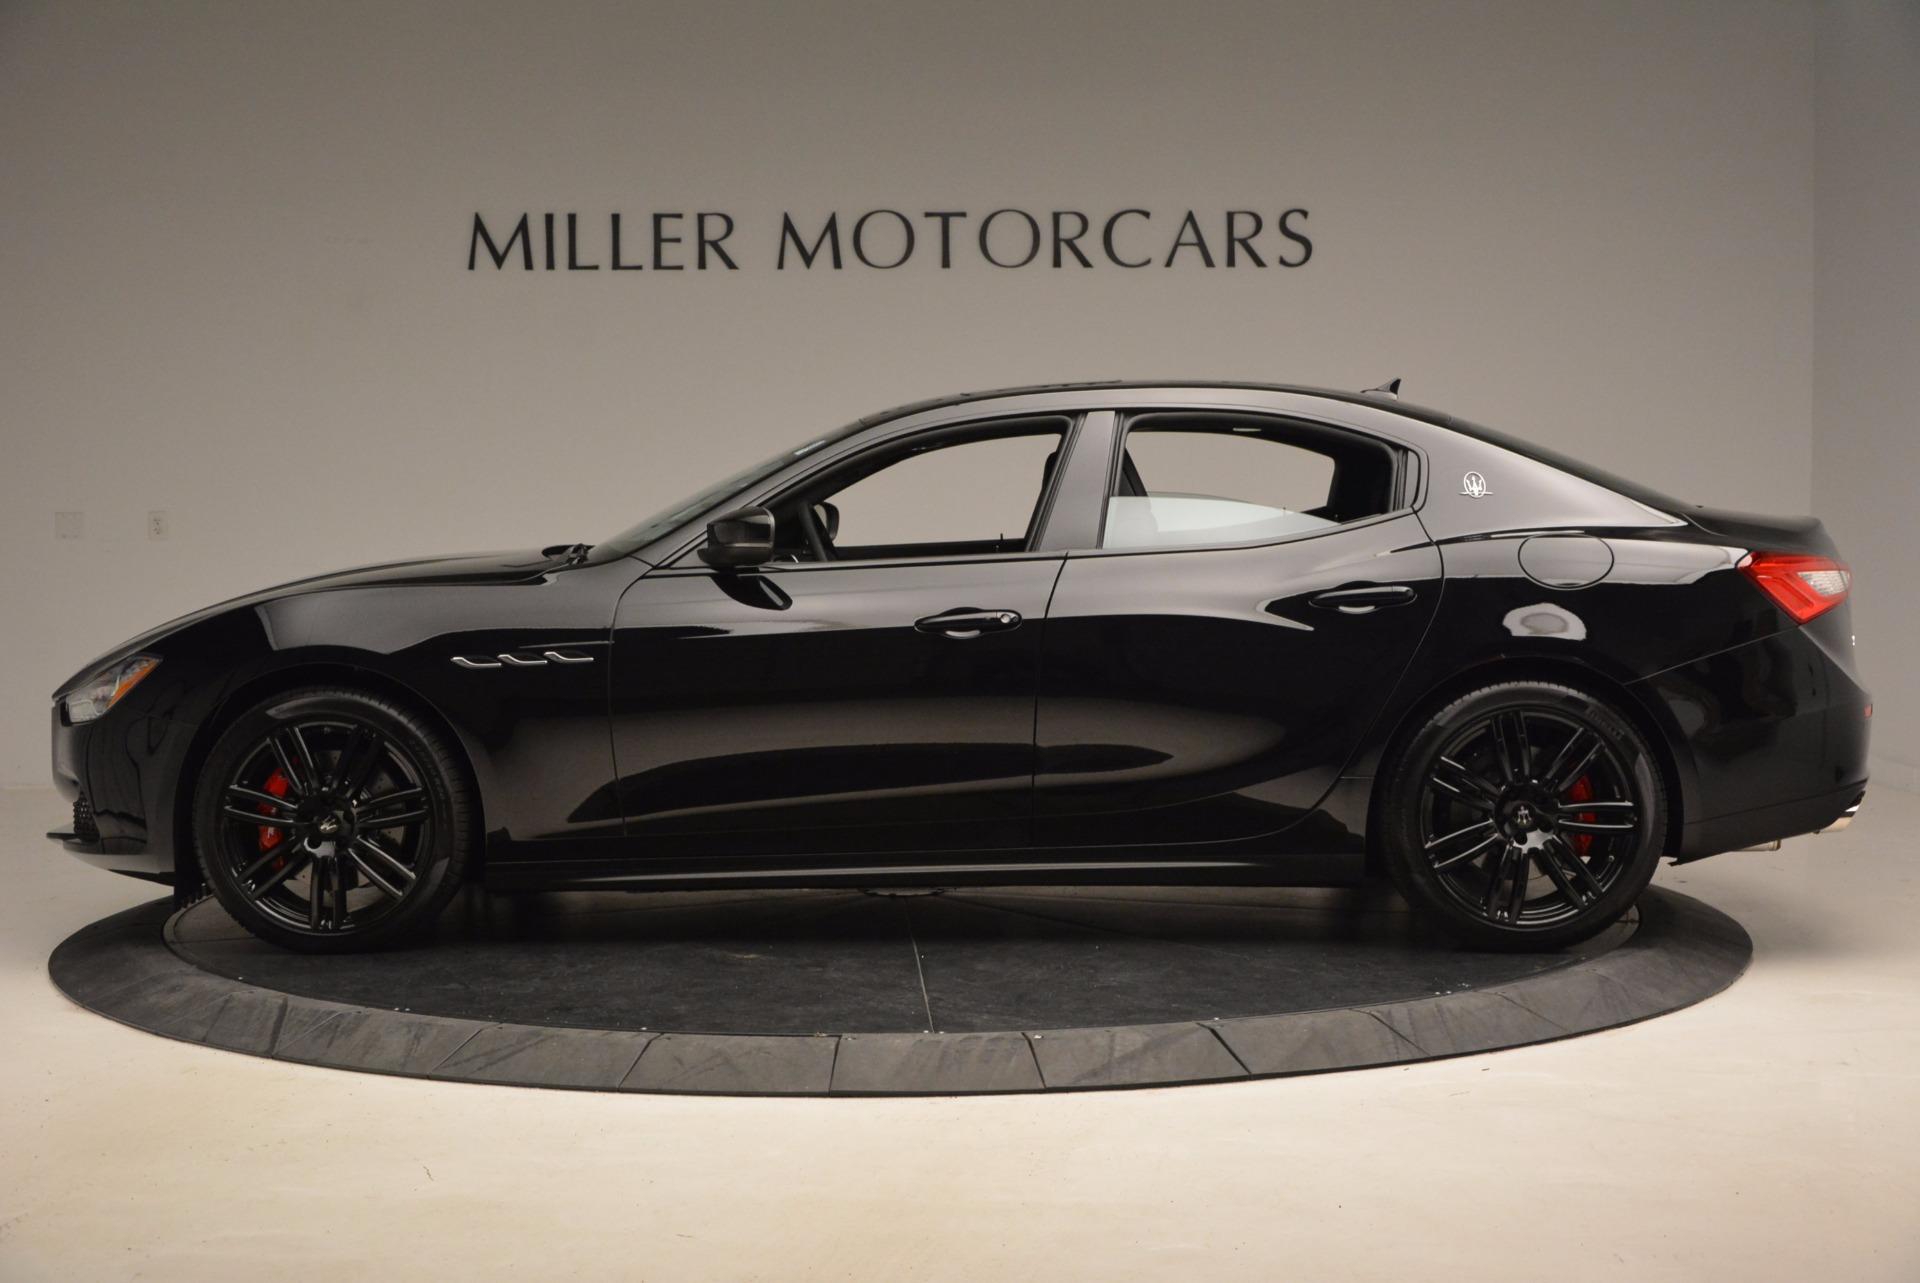 New 2017 Maserati Ghibli S Q4 For Sale In Greenwich, CT 1460_p3